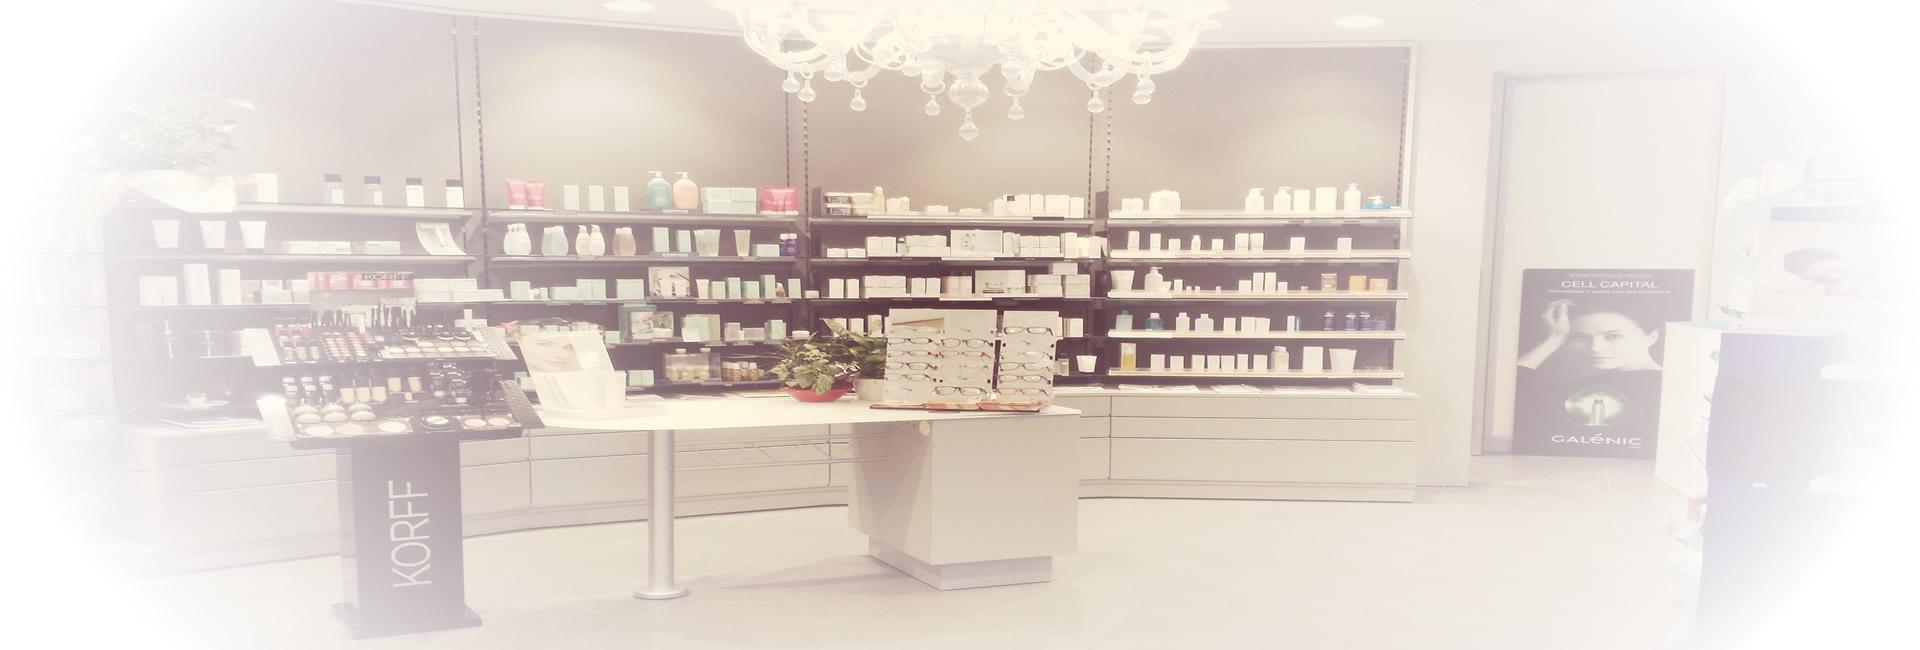 farmacia-del-corso-domodossola-hompe-page-01